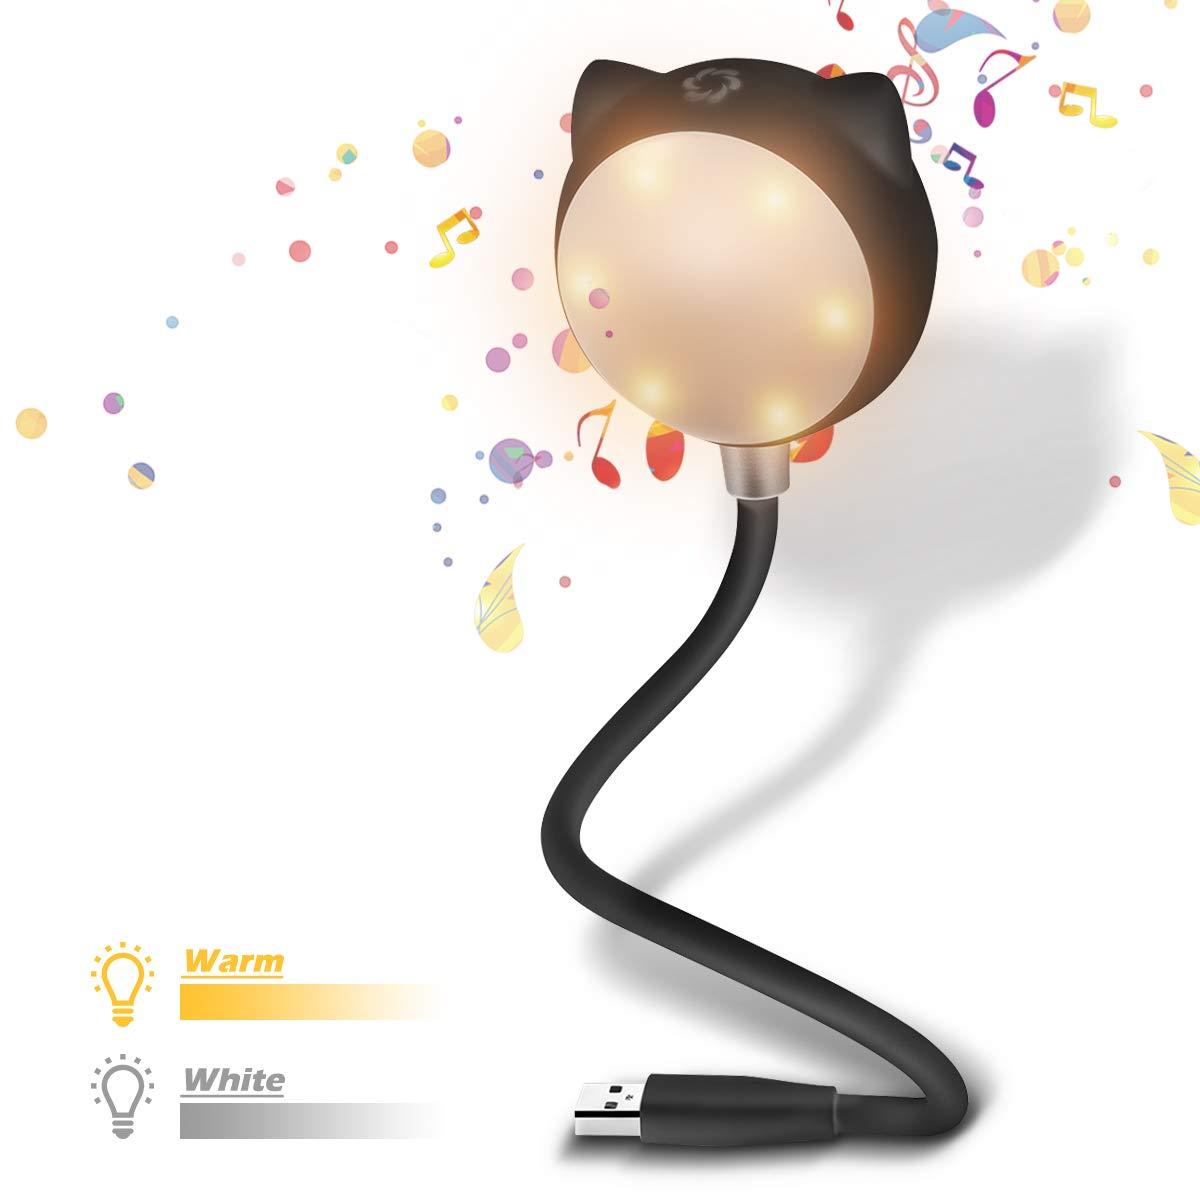 ELEGIANT USB LED Leselampe, dimmbar warmweiß Touch-Control Leseleuchte Bettlampe Nachtlicht mit BT Lautsprecher,Flexibel Schwanenhals Nachttischlampe Schreibtischlampe für Laptop PC Notebook Camping